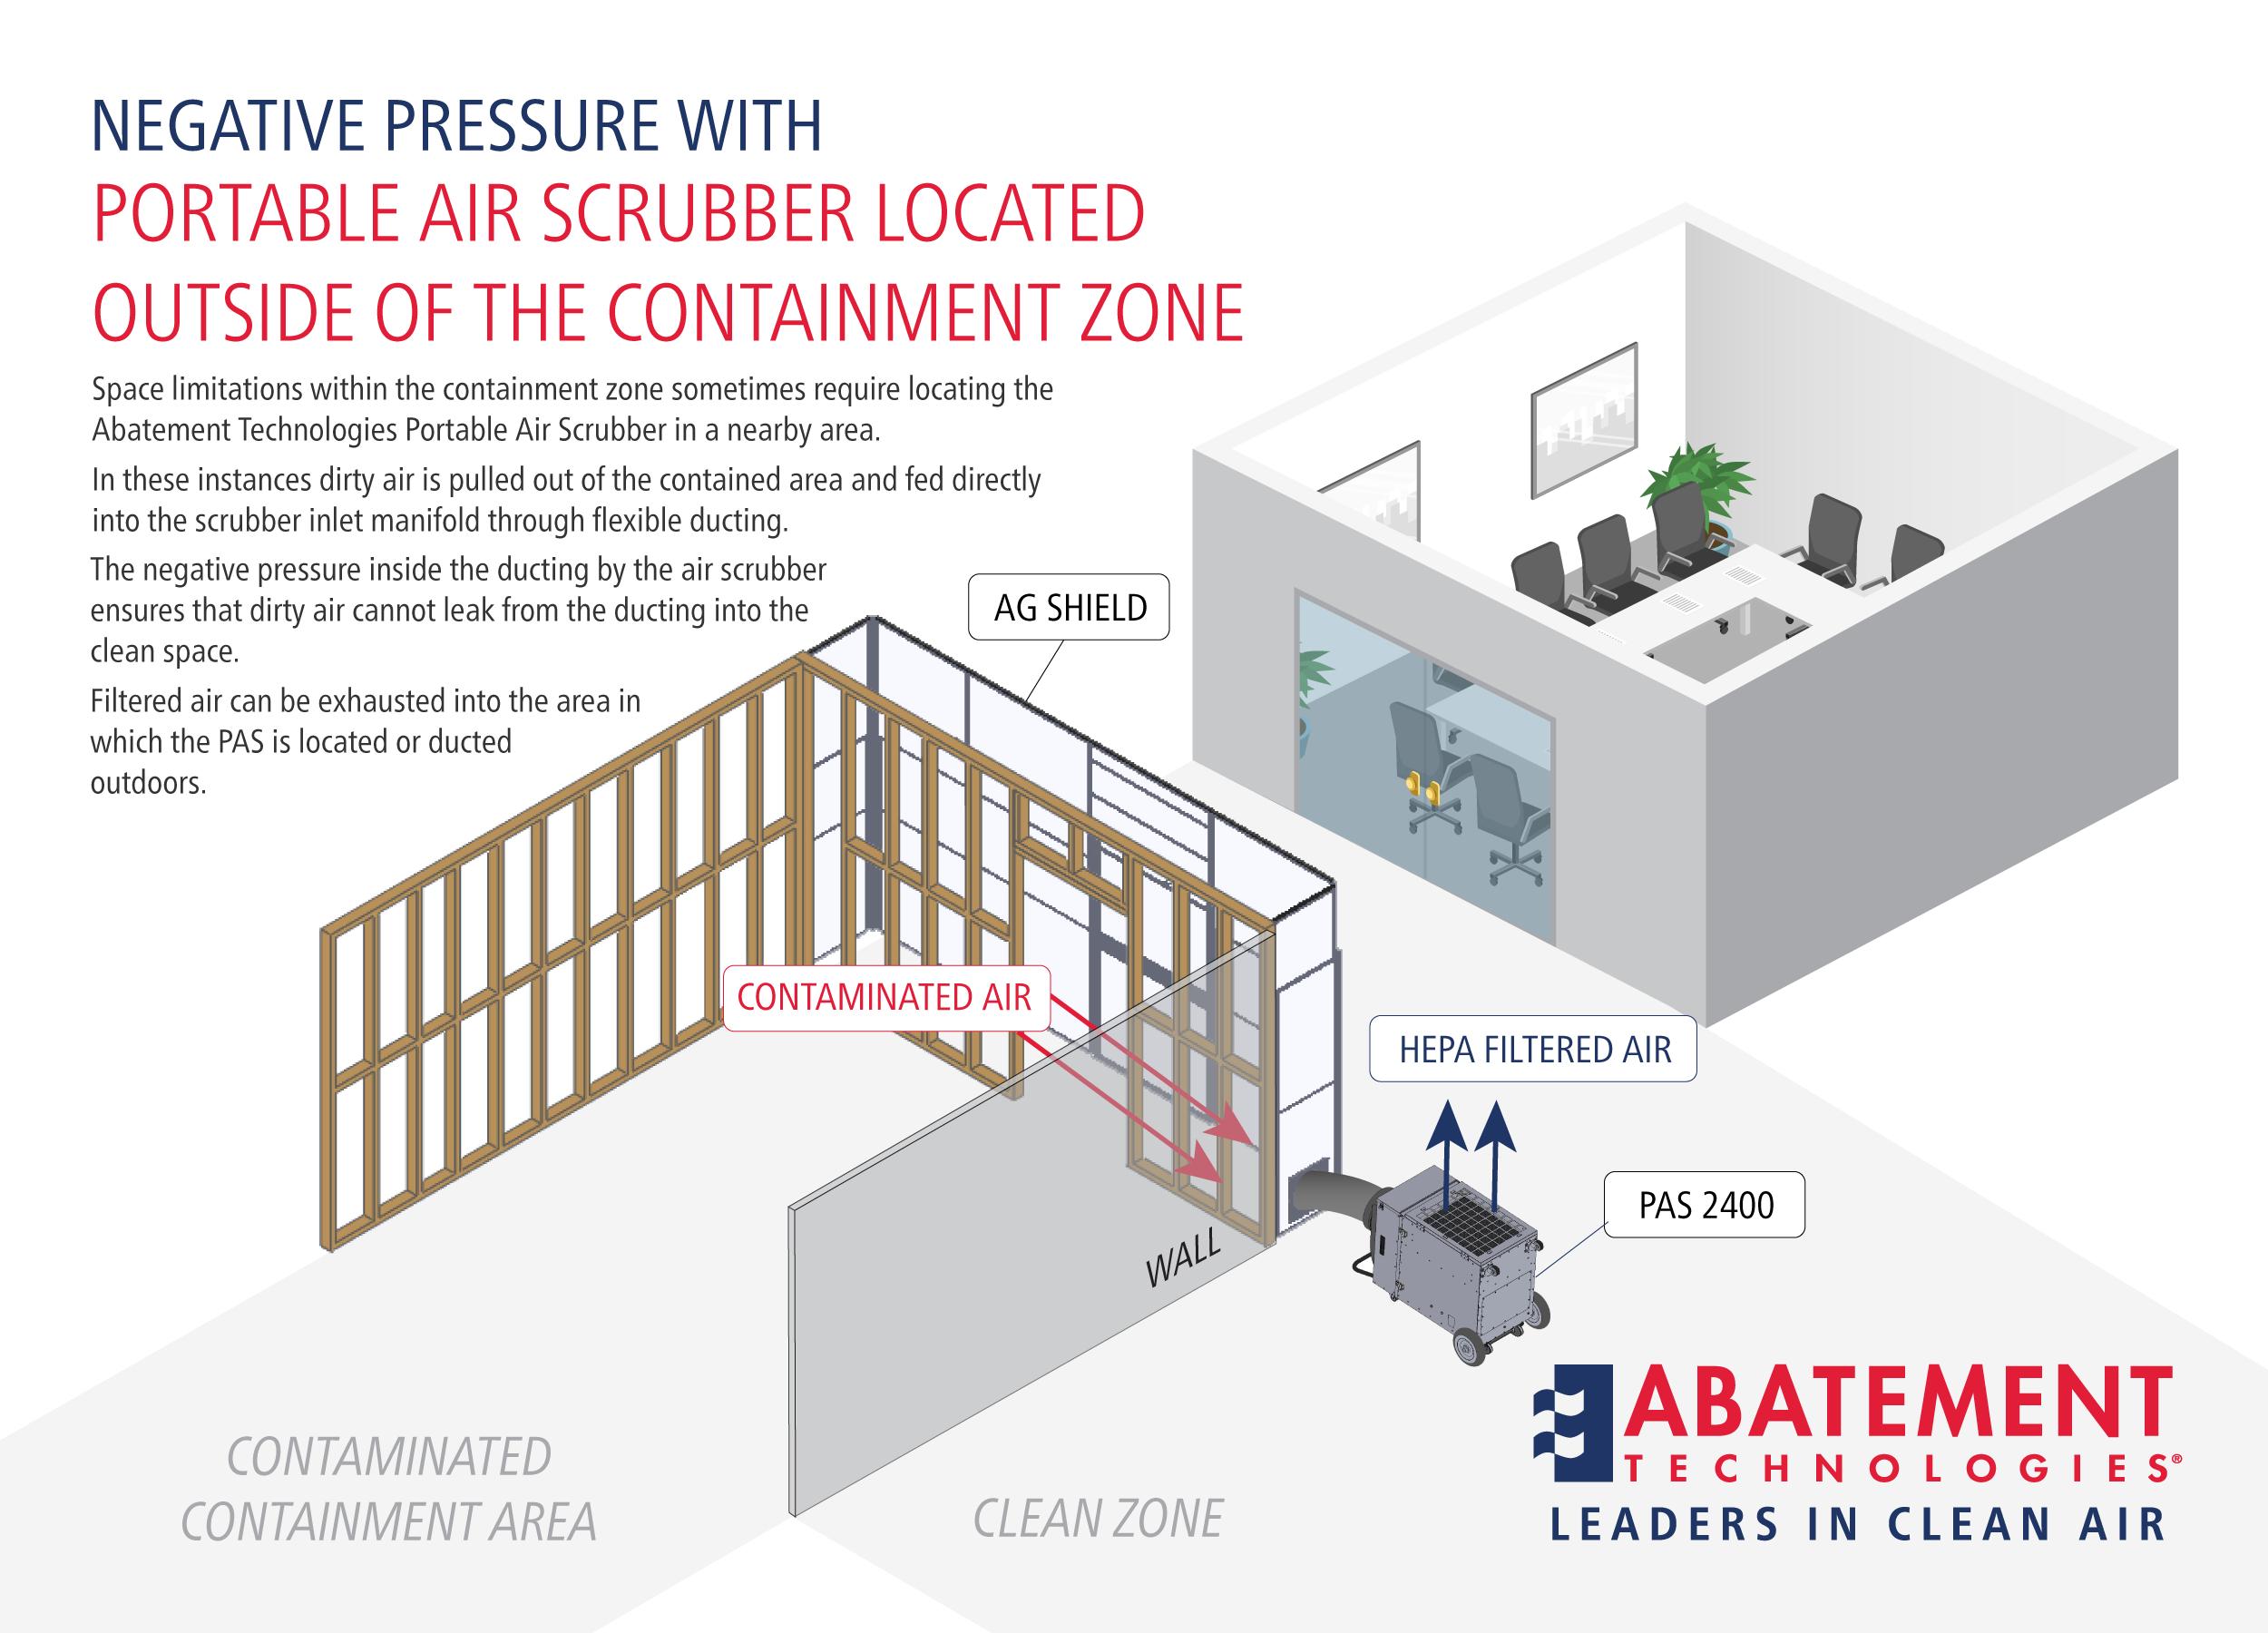 Negative Pressure Outside Containment